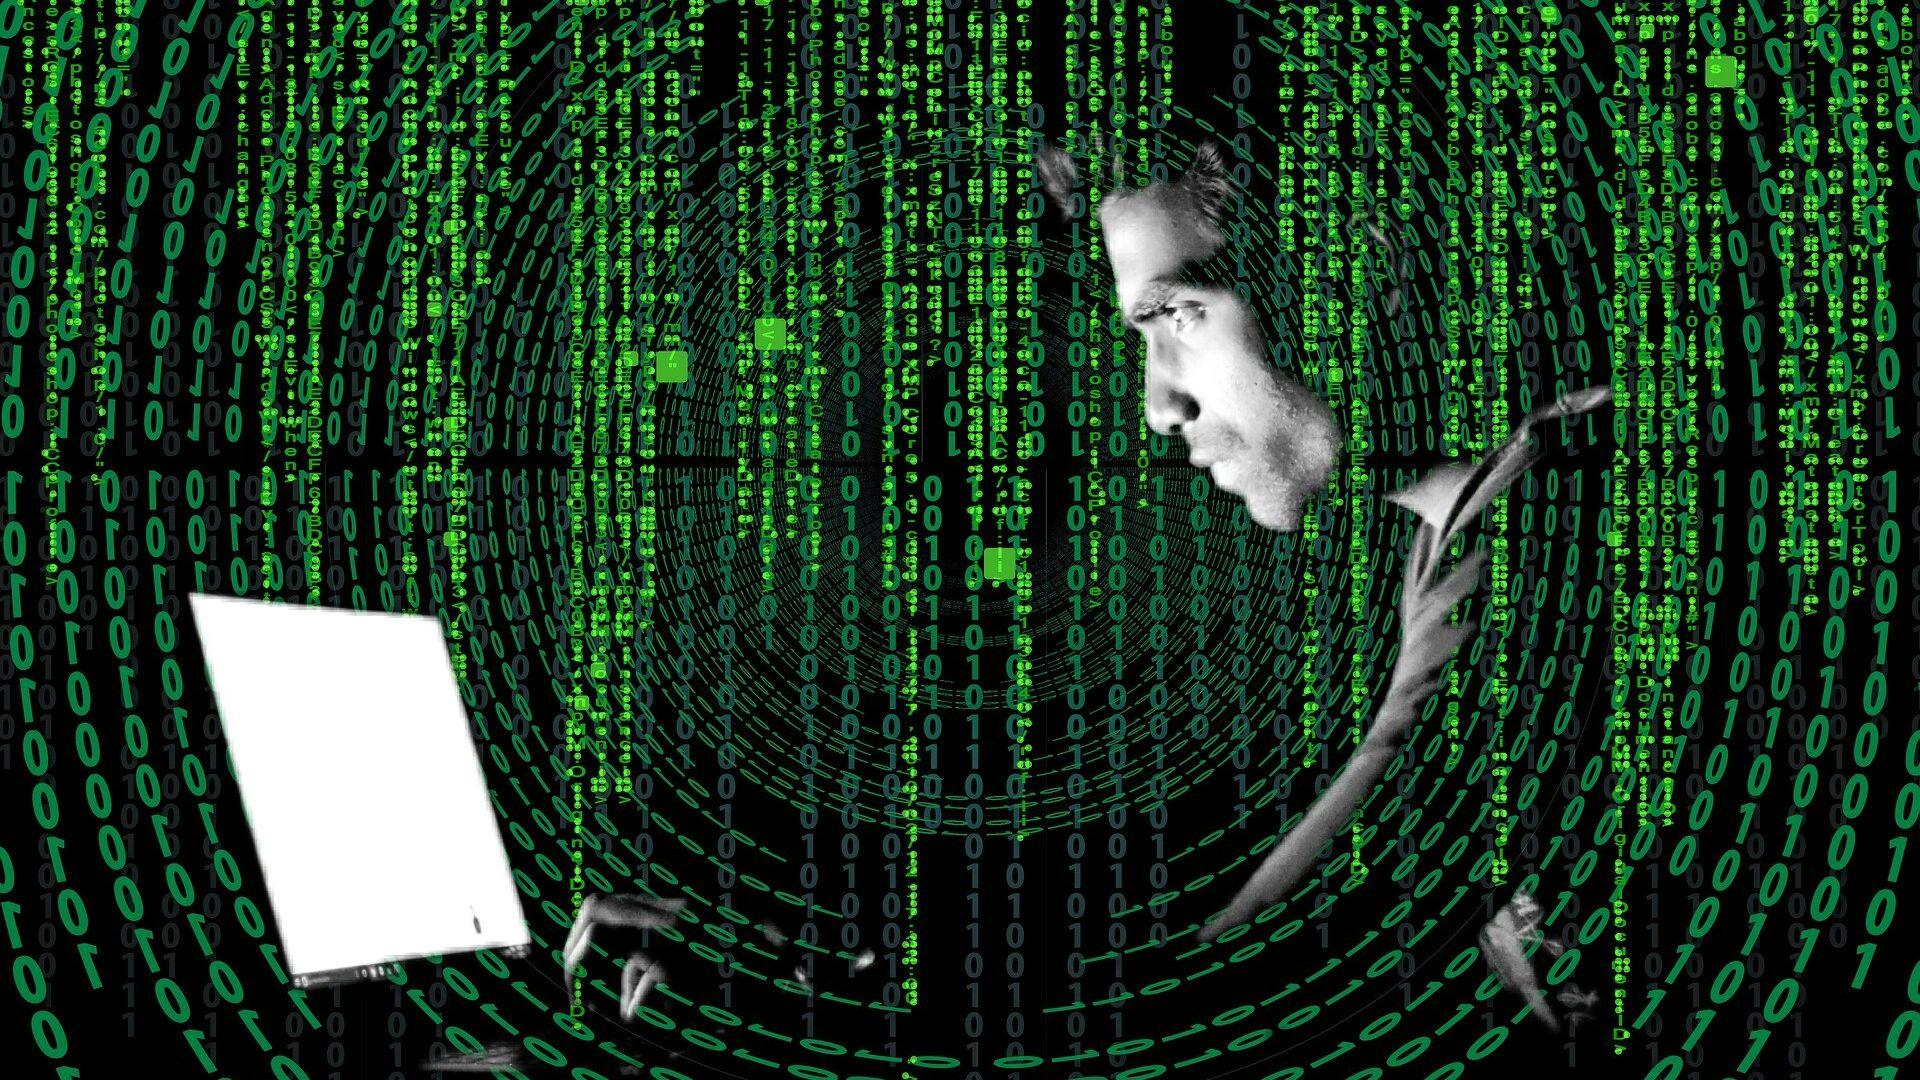 Er worden regels geschrapt in de zorg. Kan de kans op fraude klein blijven, ook al wordt de regelgeving globaler? Acht punten om fraude tegen te gaan.